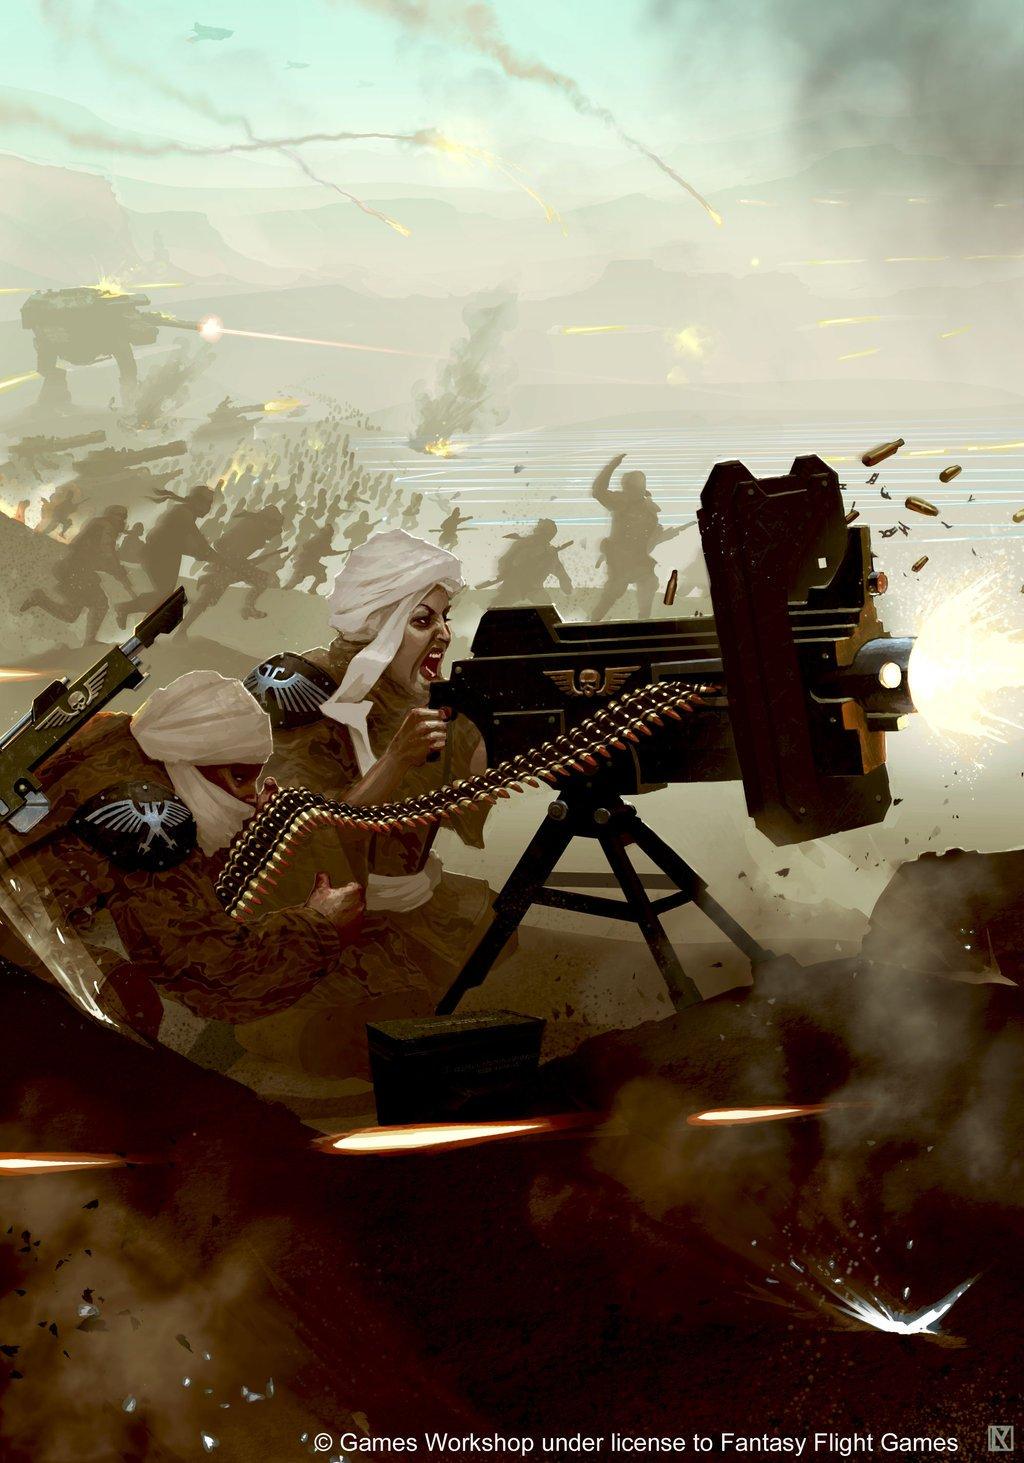 Новая инфа по Warhammer 40,000: Eternal Crusade #wh40k  -На каких языках планируется локализации игры. В частности, .... - Изображение 1